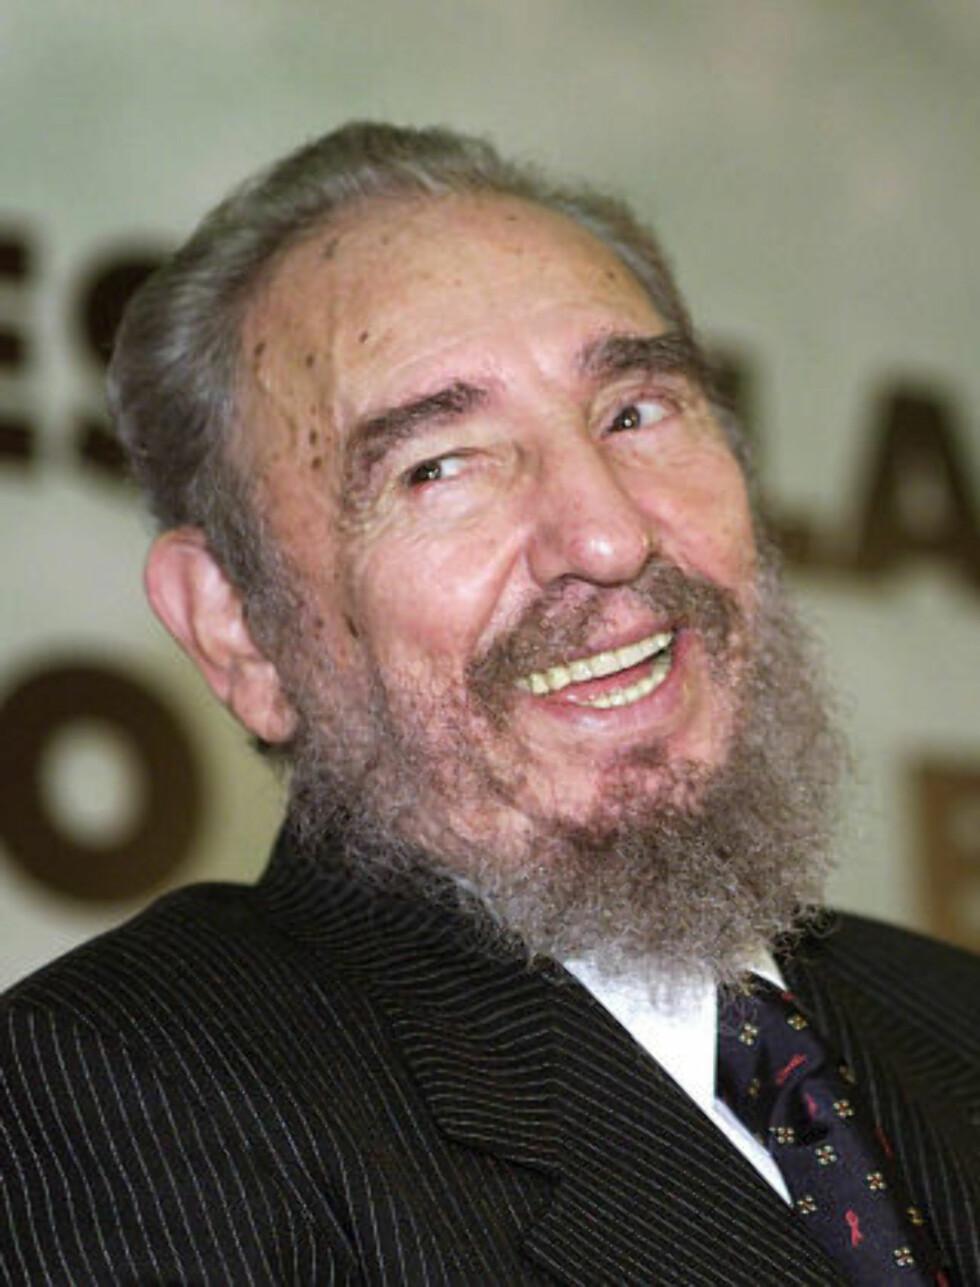 SVEKKET LEDER: Fidel Castro er alvorlig syk og broren Raol styrer i praksis landet. I en uttalelse sier likevel Fidel at landet ikke vil ha veldedighet, men en slutt på handelsblokkaden fra USA. Foto: Evaristo Sa/AFP/Scanpix